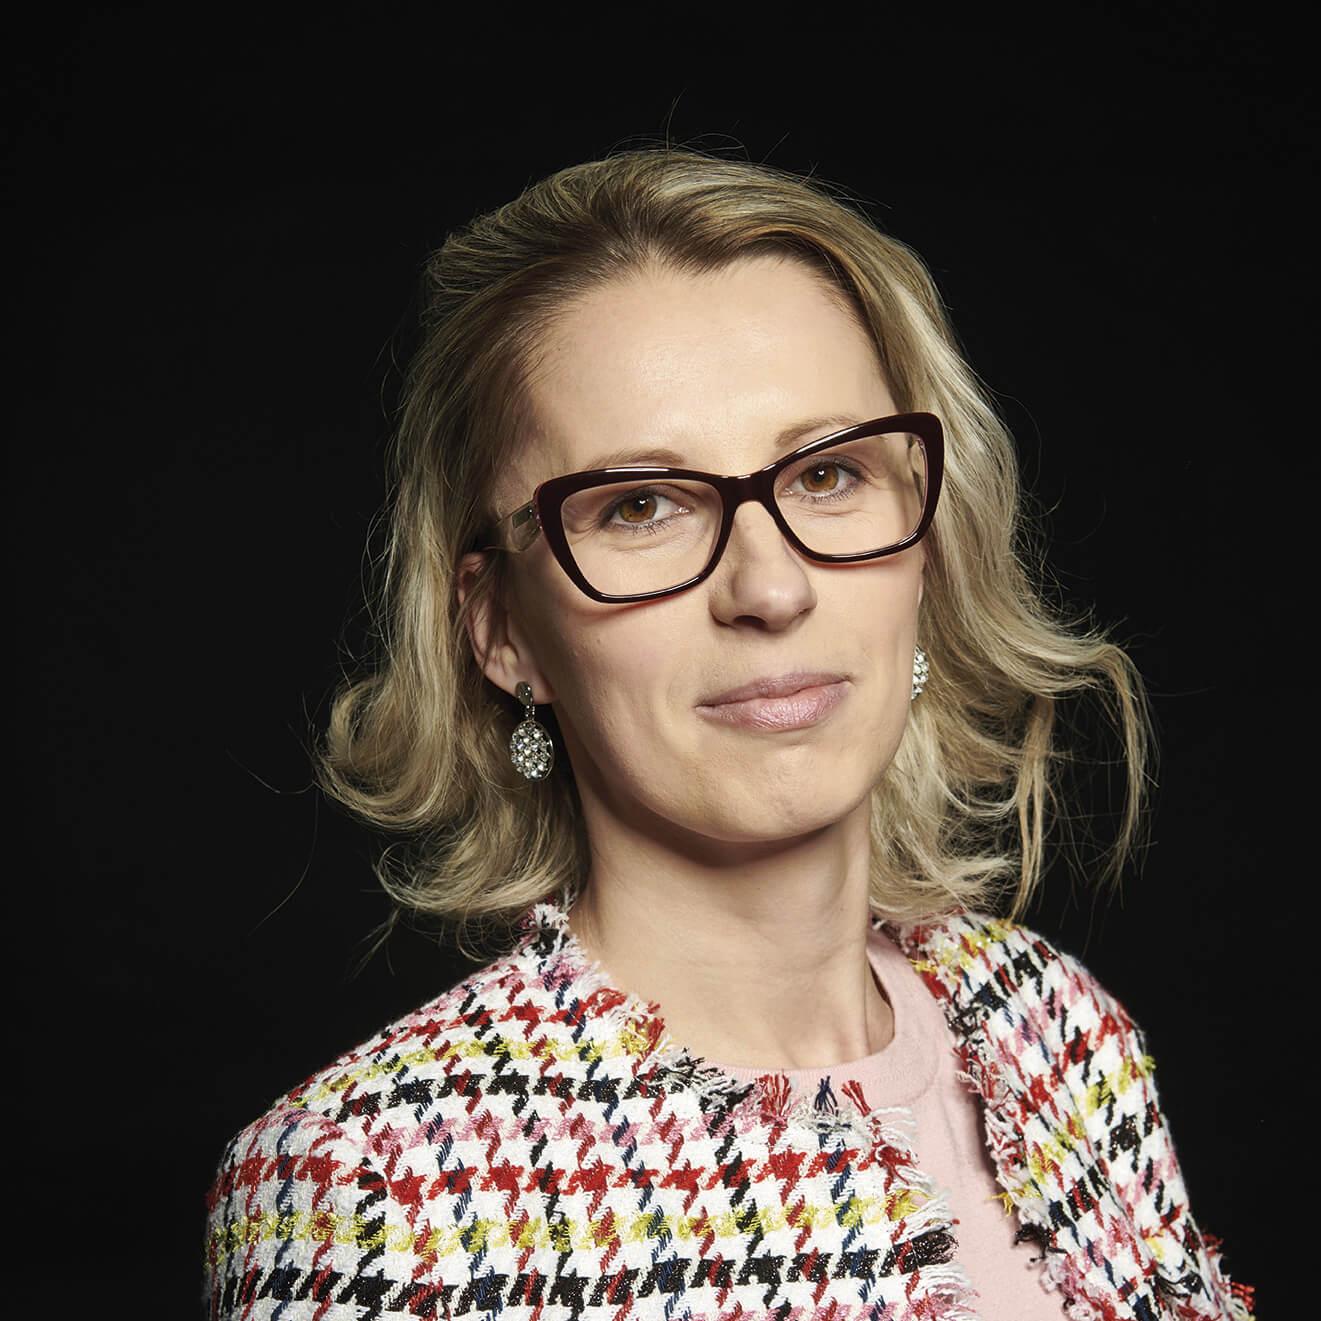 Nikola Sekaninová